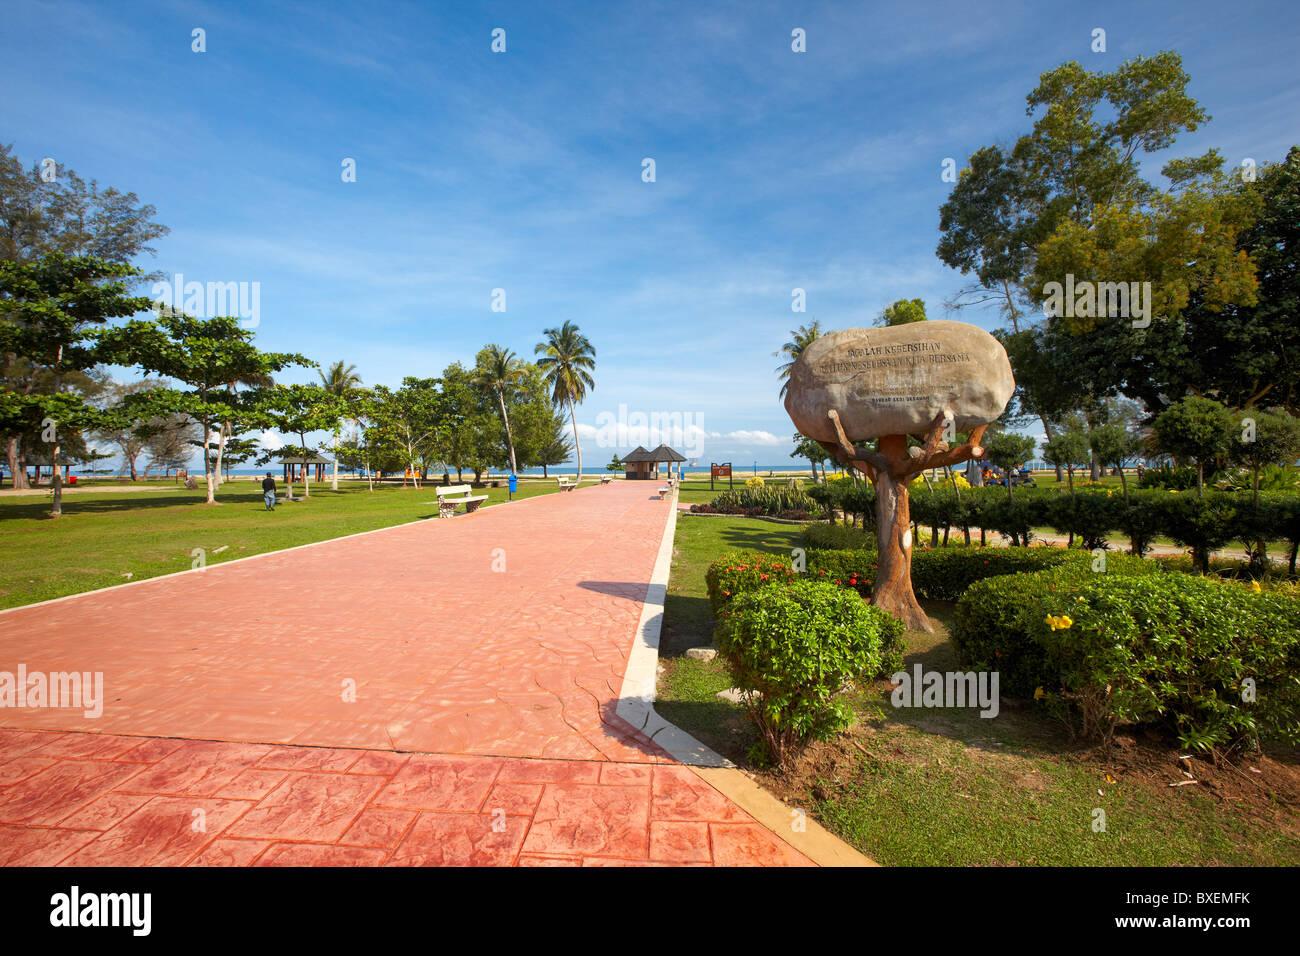 Walkway to Pantai Muara beach, Muara, Brunei Darussalam, Asia - Stock Image